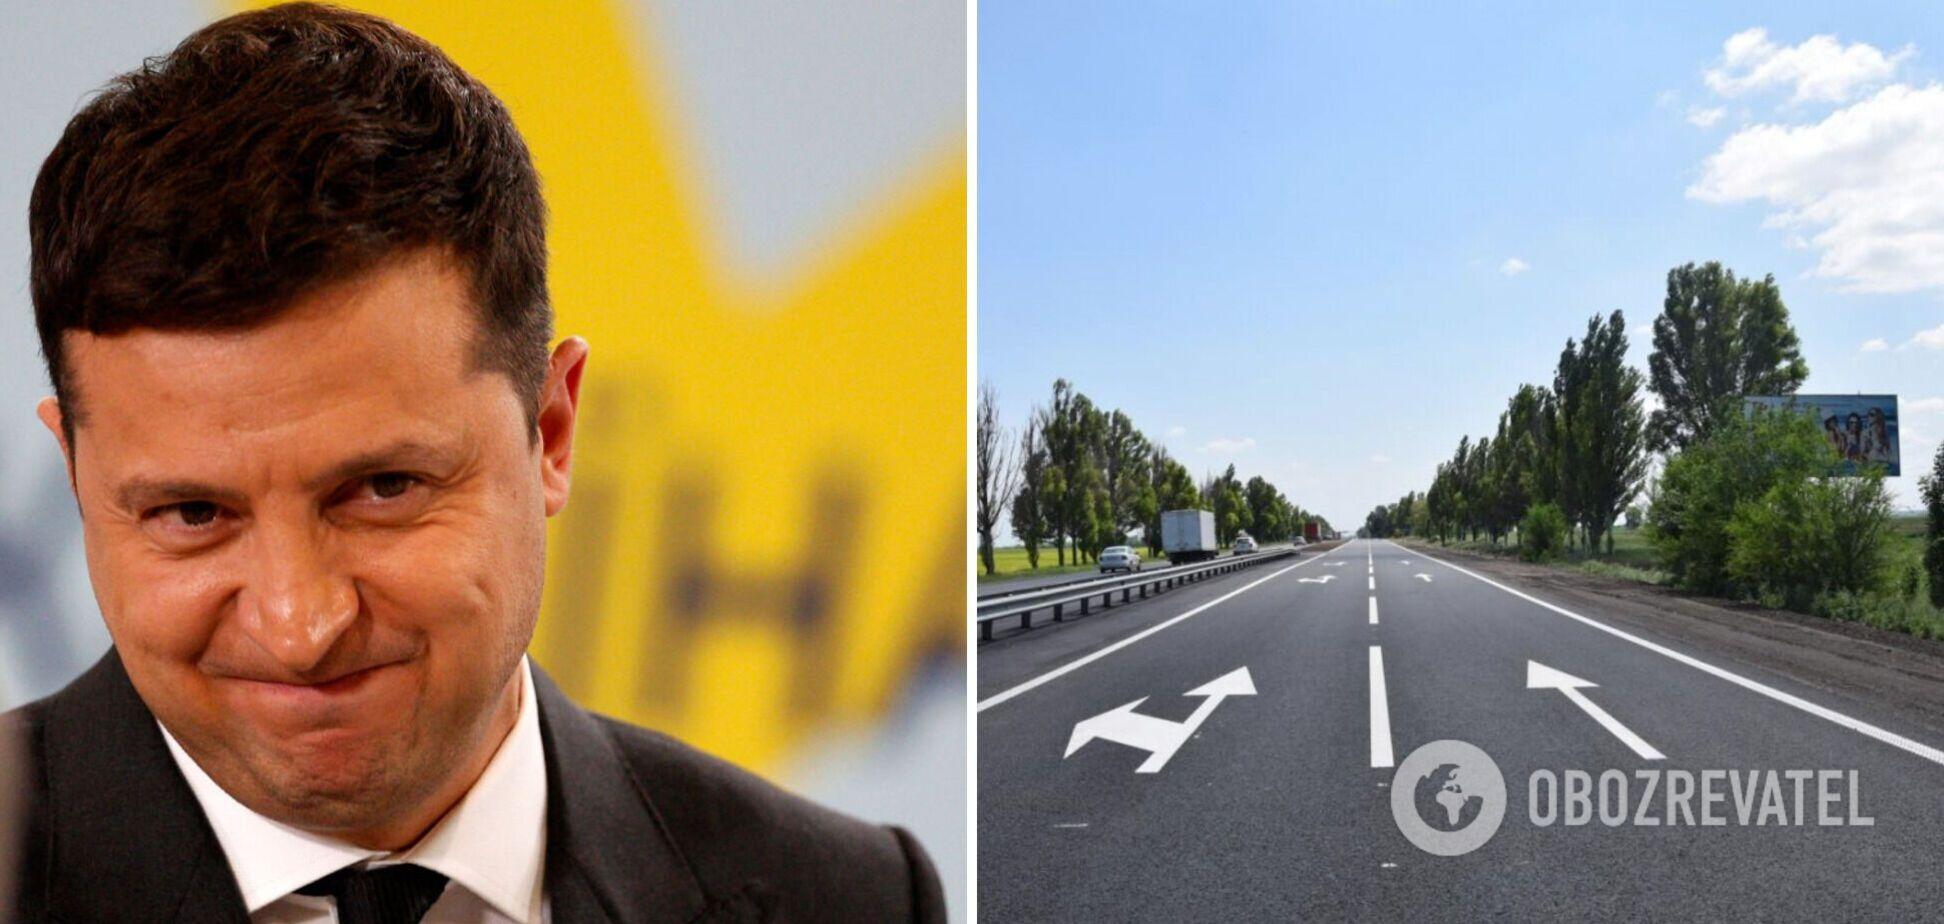 Зеленский похвастался украинскими дорогами